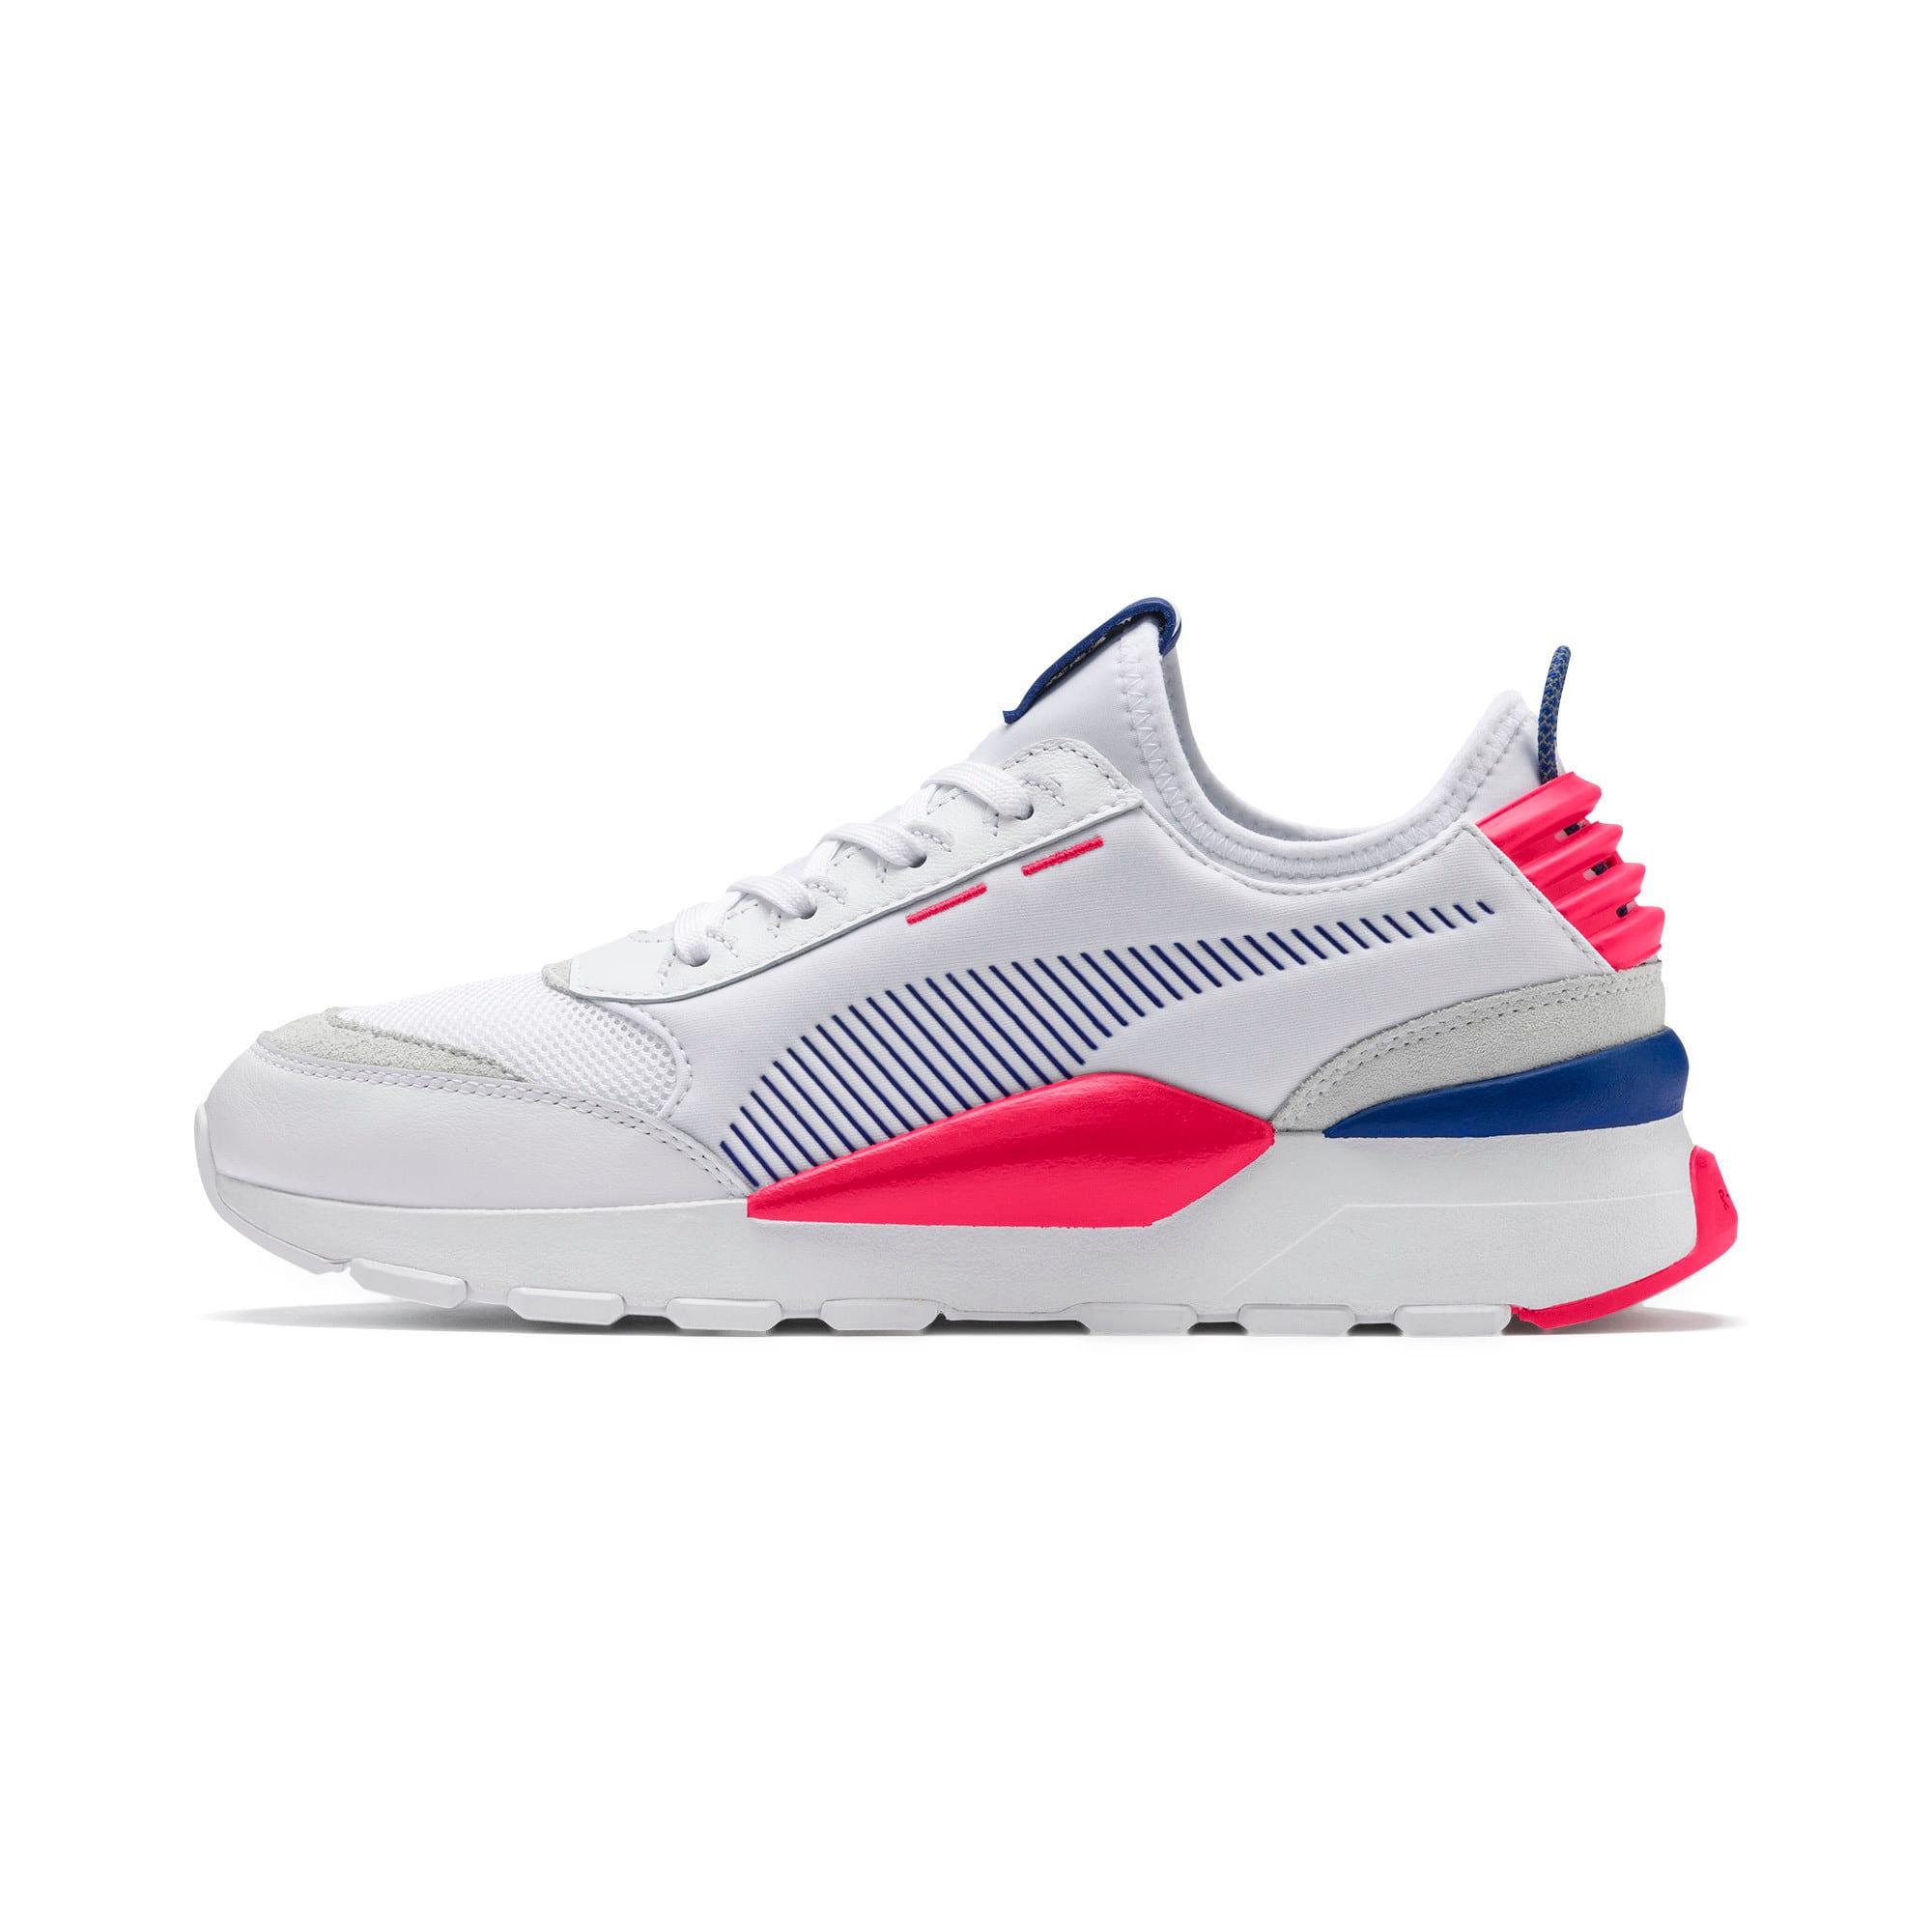 Thumbnail 1 of RS-0 Core Sneaker, Puma White-S Web-Nrgy Rose, medium